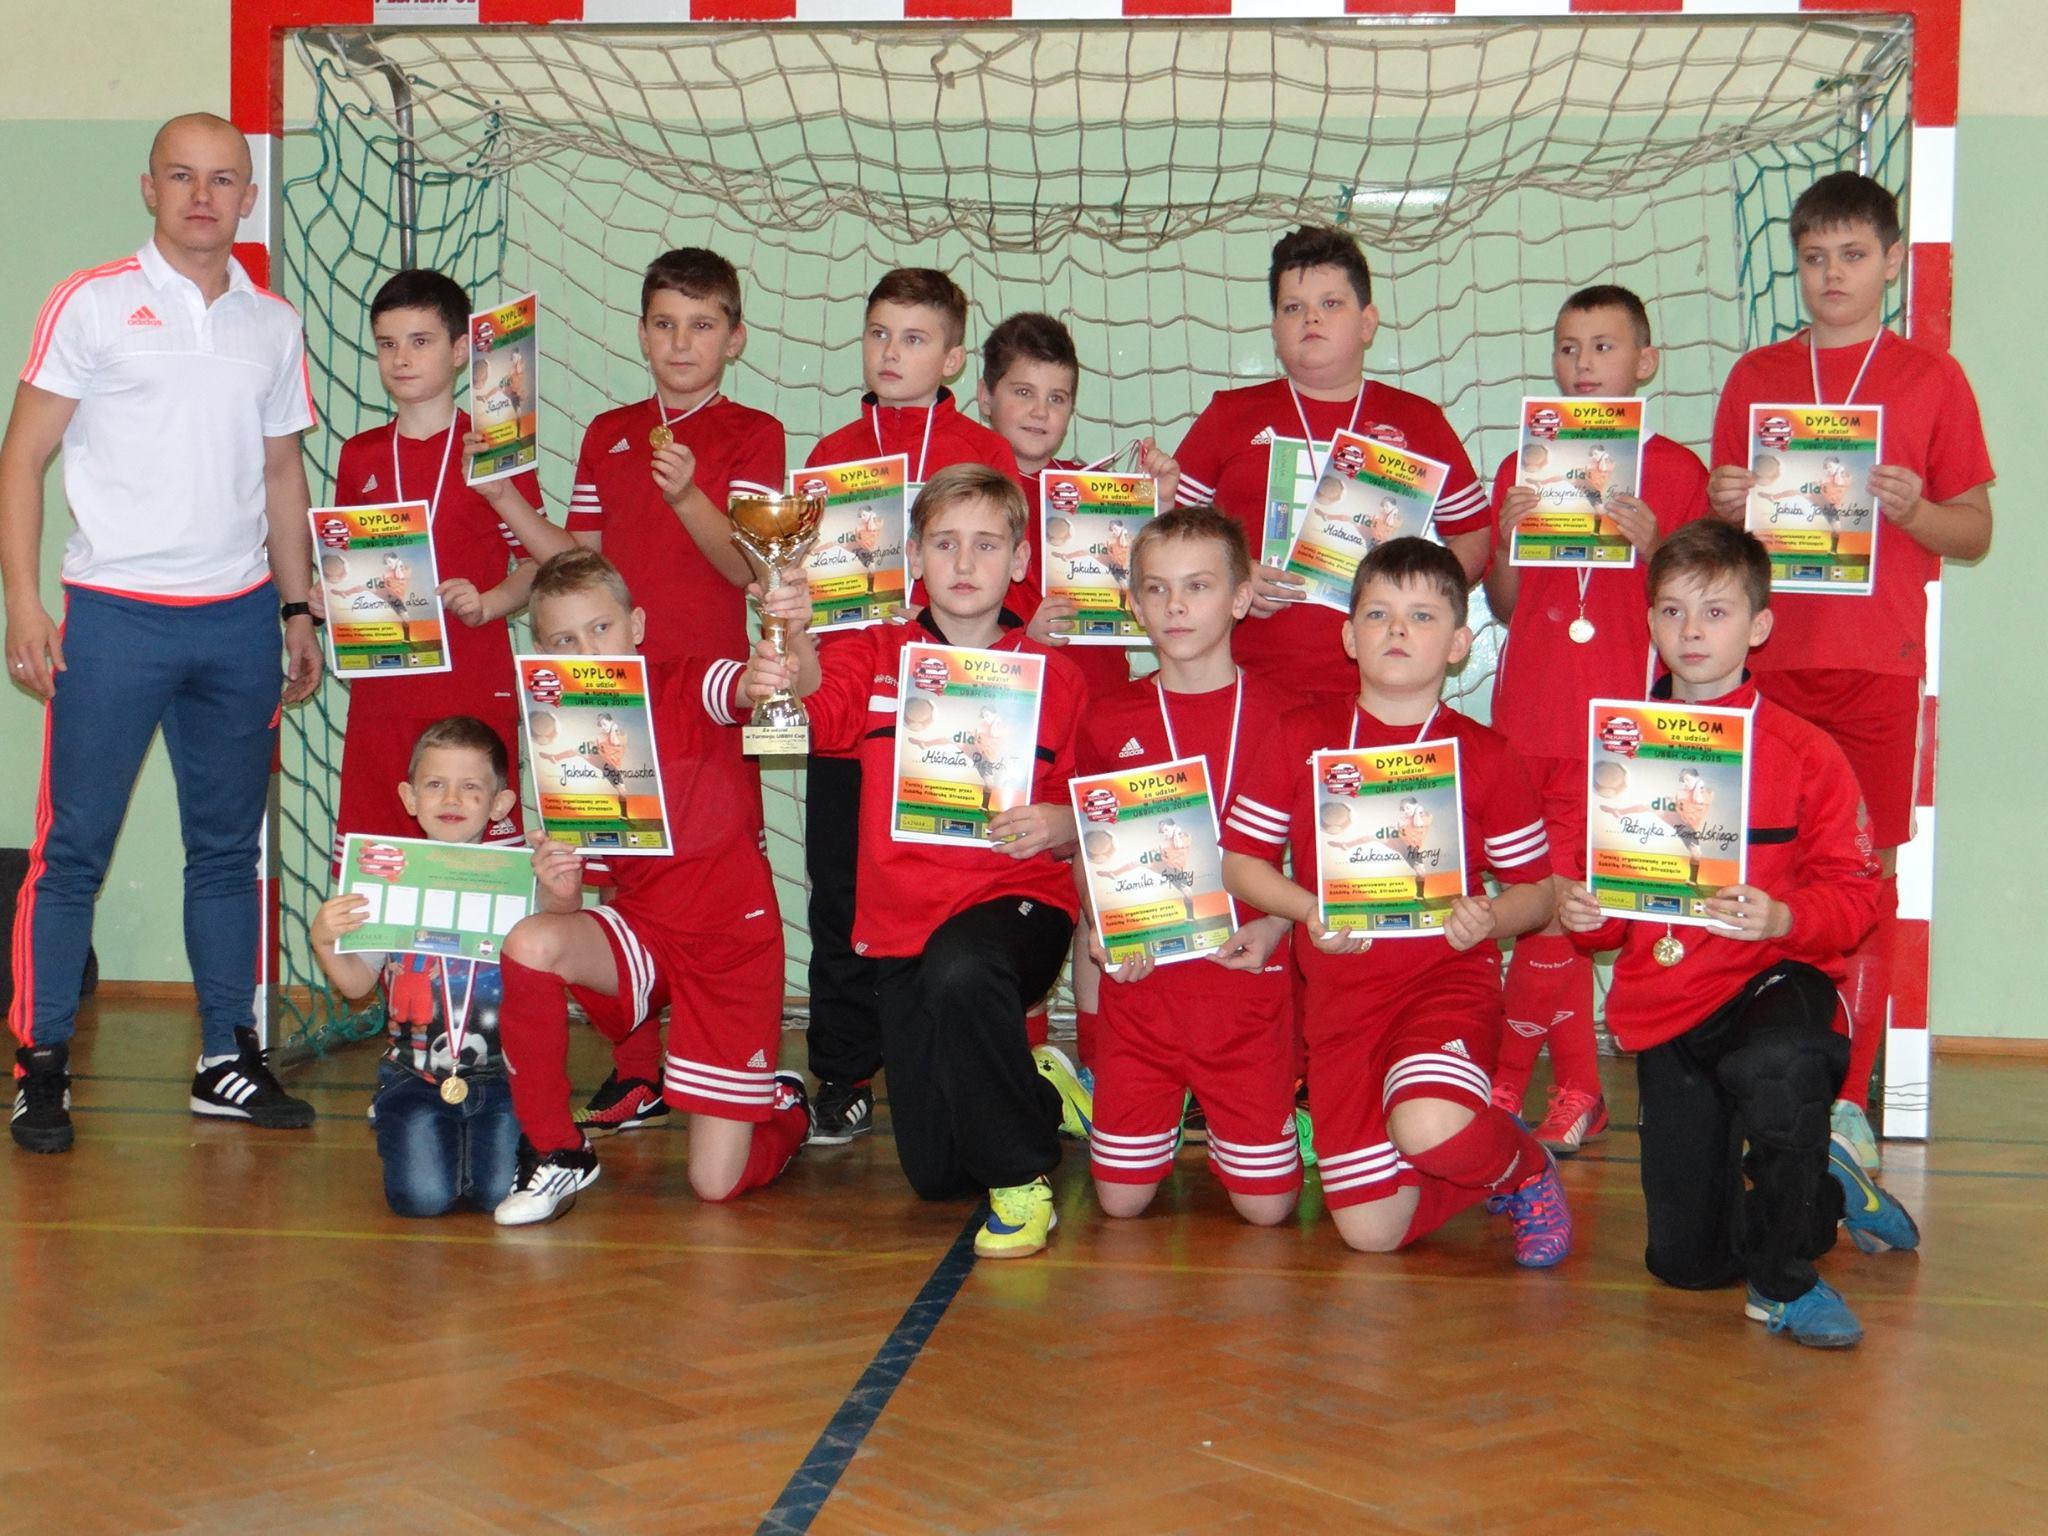 da79936cf116 Stowarzyszenie zajmuje się trenowaniem dzieci. Naszym celem jest rozwój  umiejętności piłkarskich od najmłodszych lat.